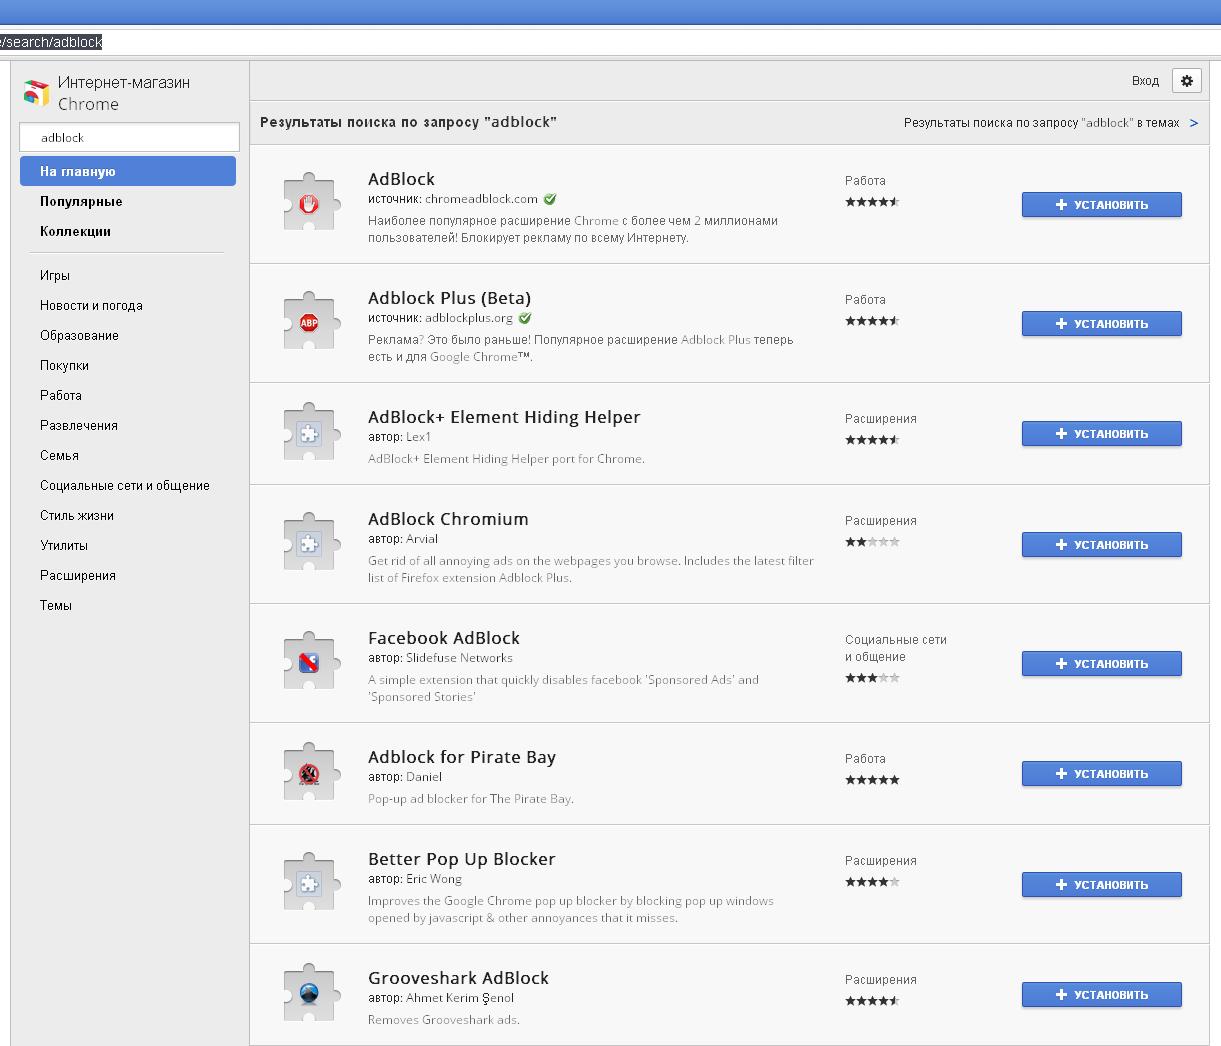 Убрать рекламу в Google Chrome | Компьютер для